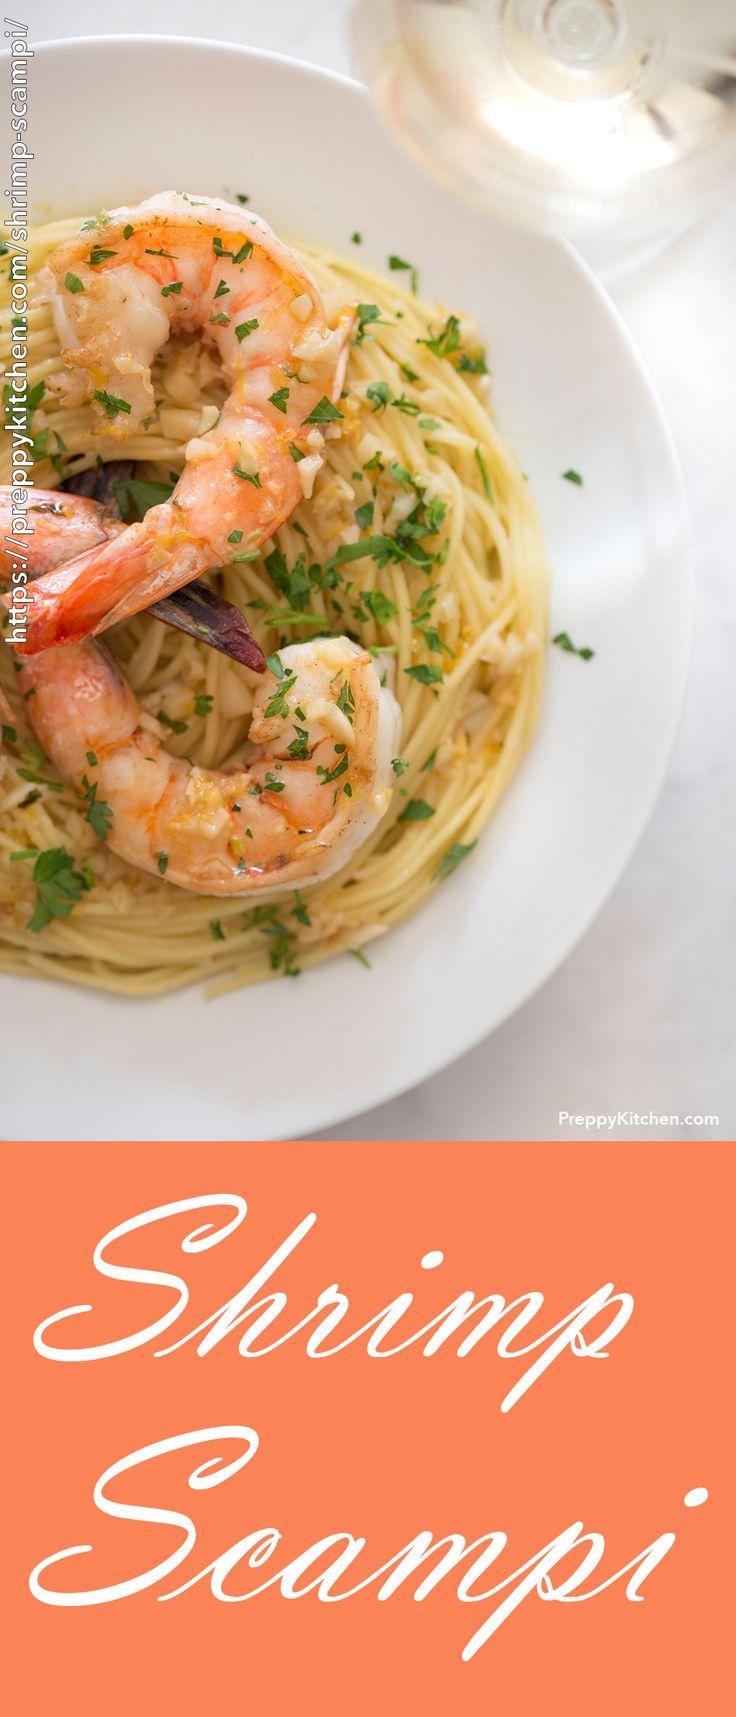 Easy Shrimp Scampi Pasta Recipe, The best shrimp scampi pasta recipe made with d…